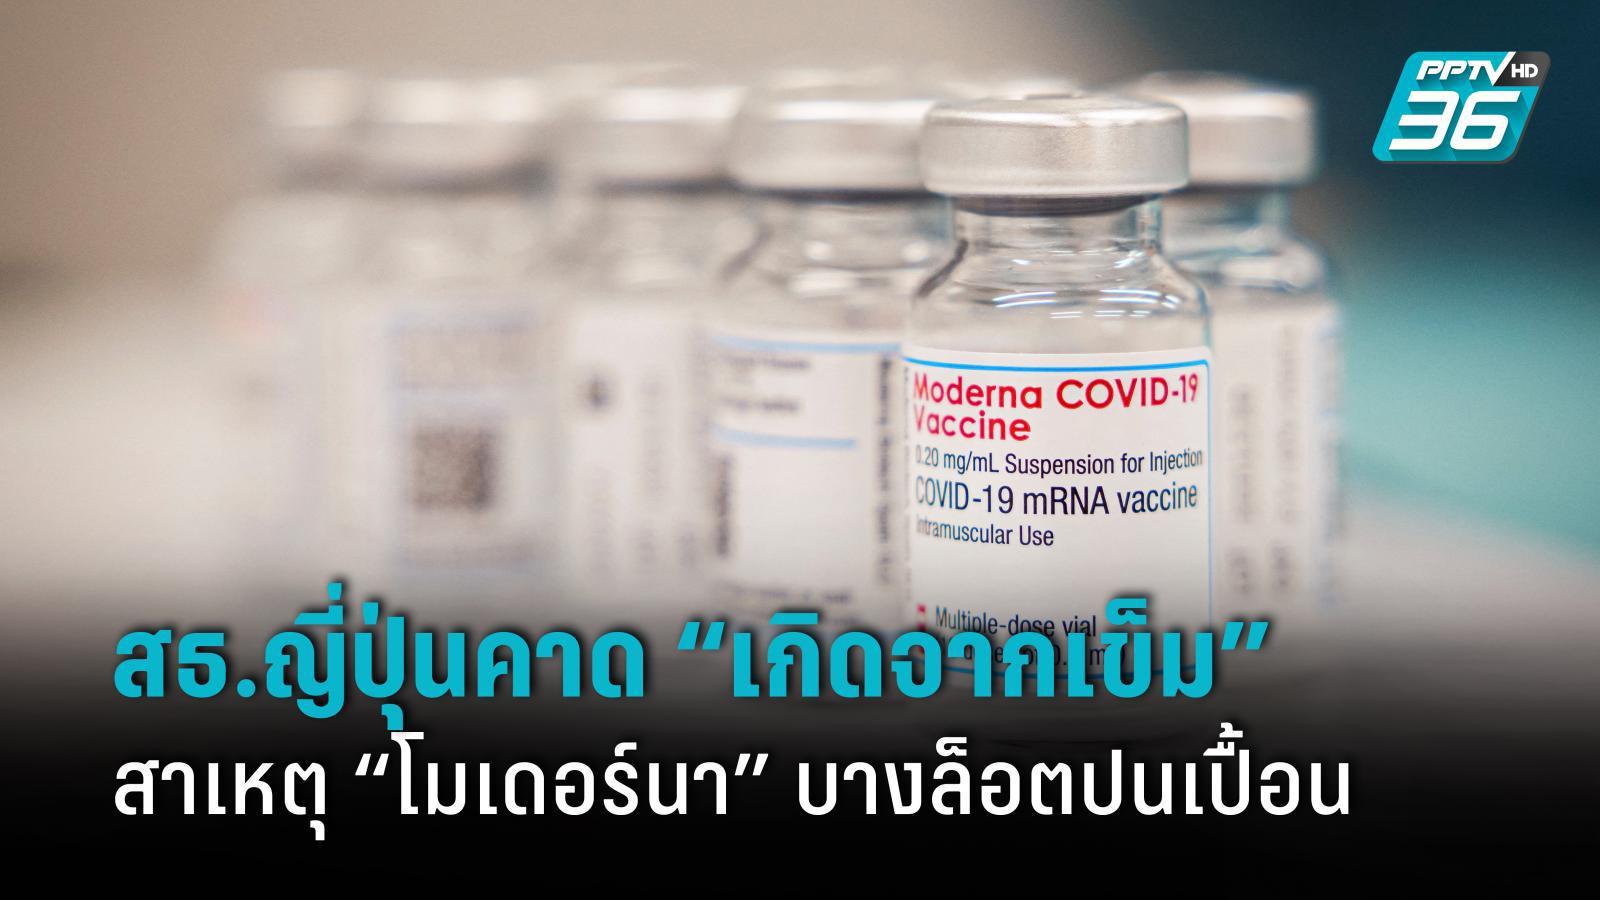 """สธ.ญี่ปุ่นคาด วัคซีนโควิด-19 โมเดอร์นาโอกินาวาปนเปื้อนเกิดจาก """"เข็ม"""""""